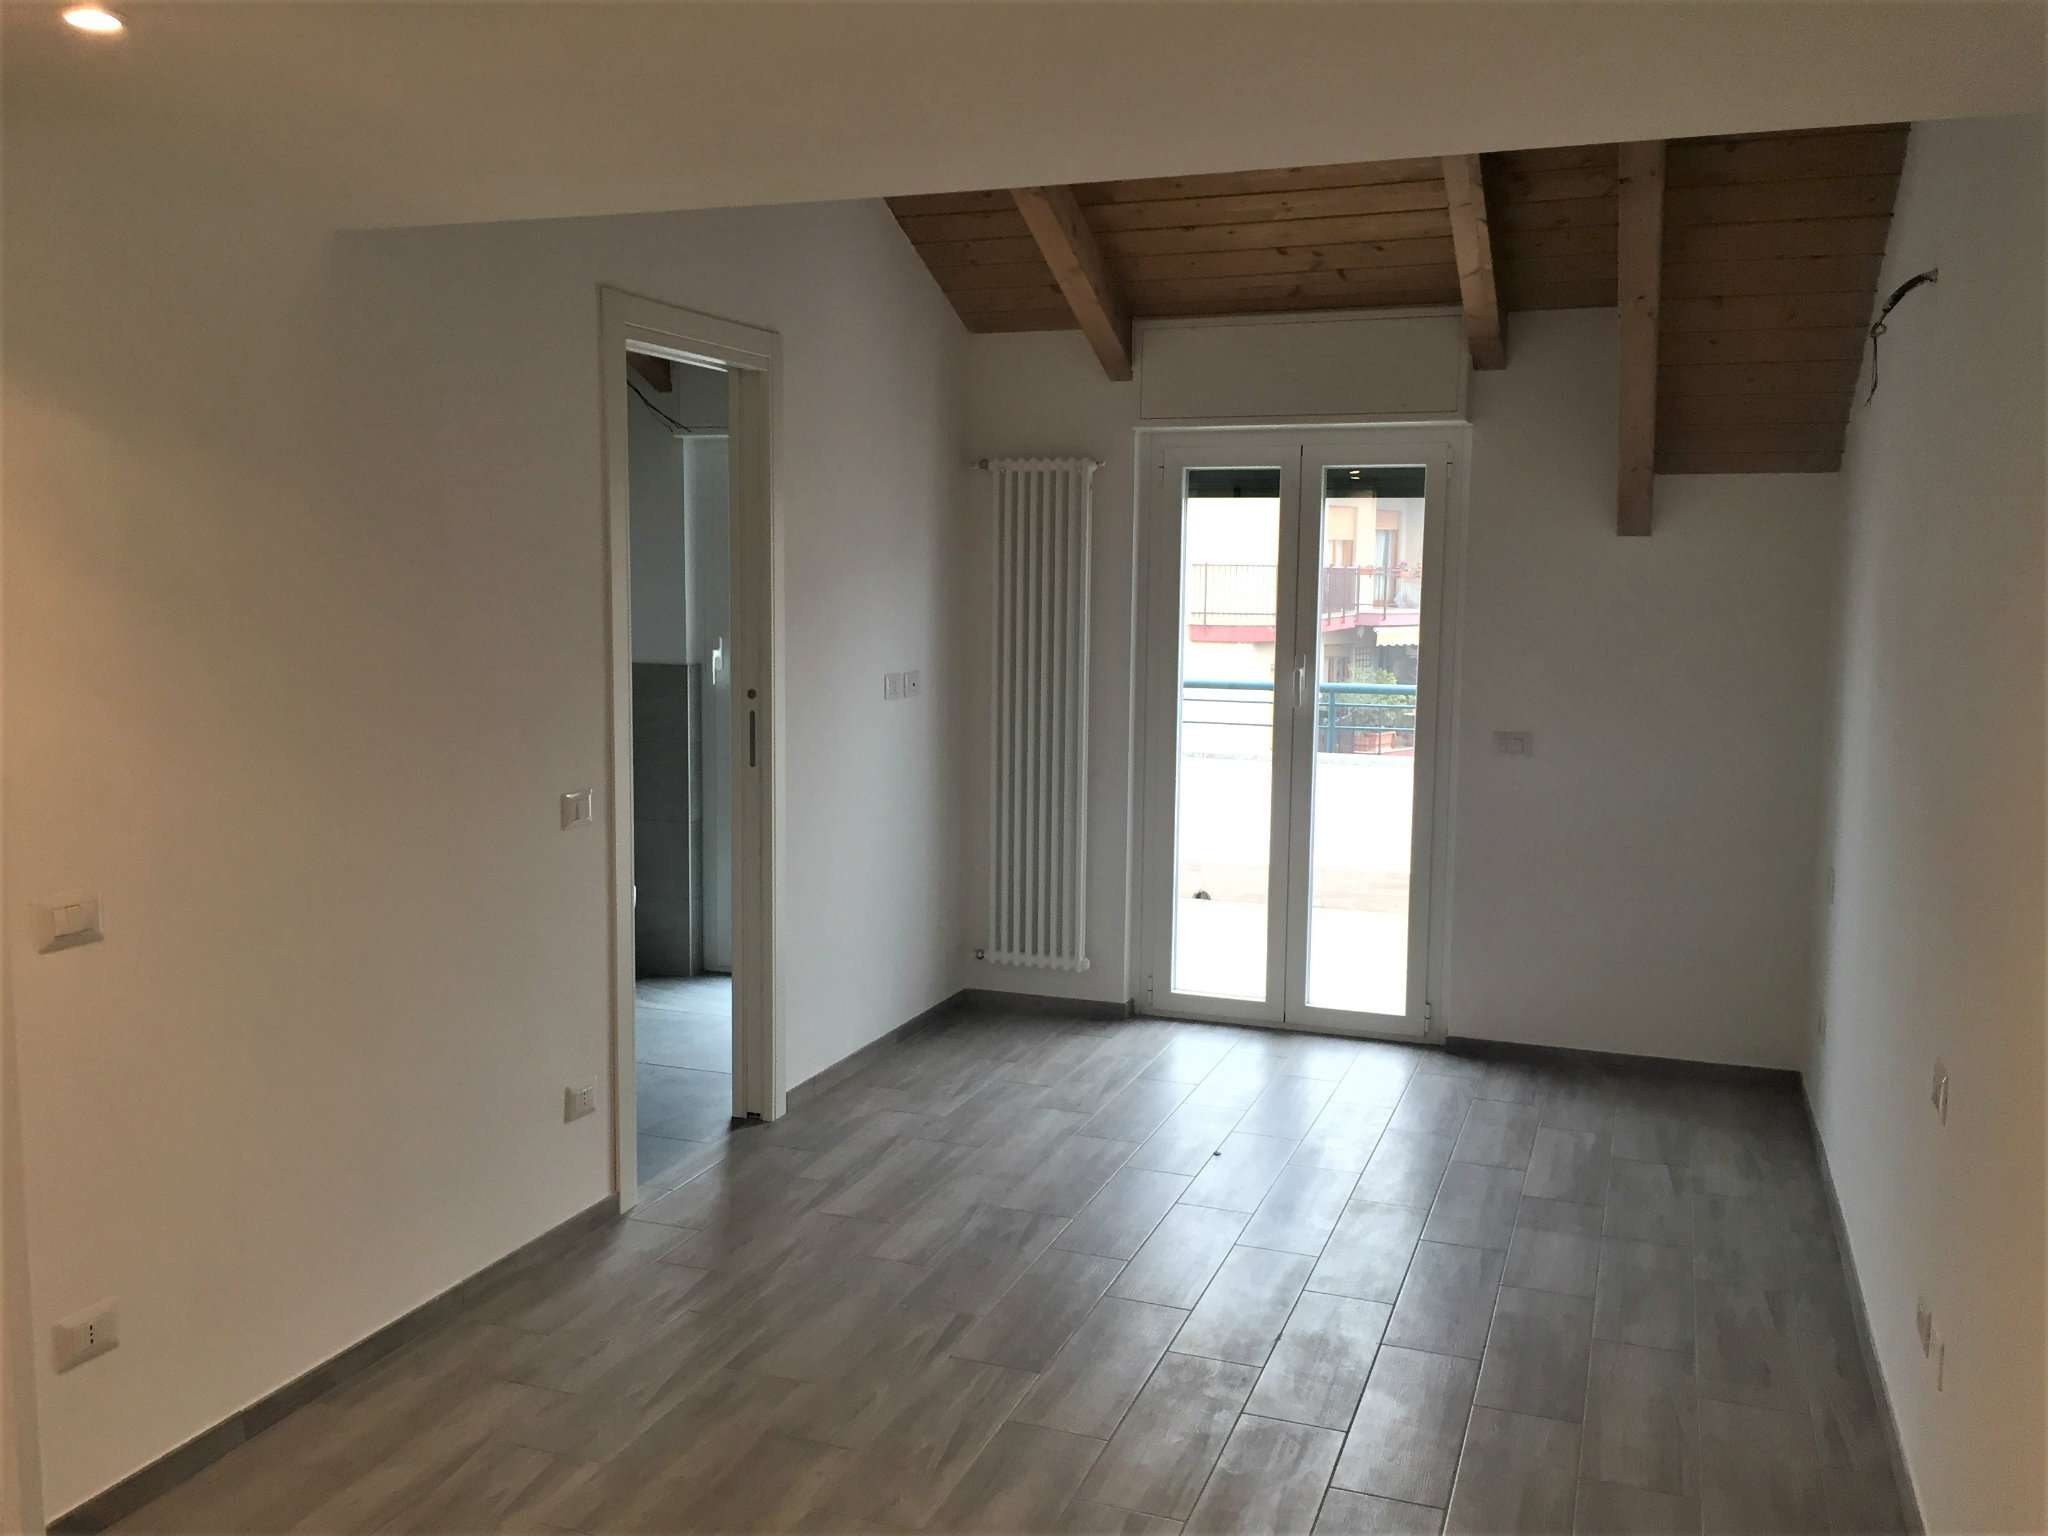 Attico / Mansarda in vendita a Varedo, 3 locali, prezzo € 227.000 | Cambio Casa.it